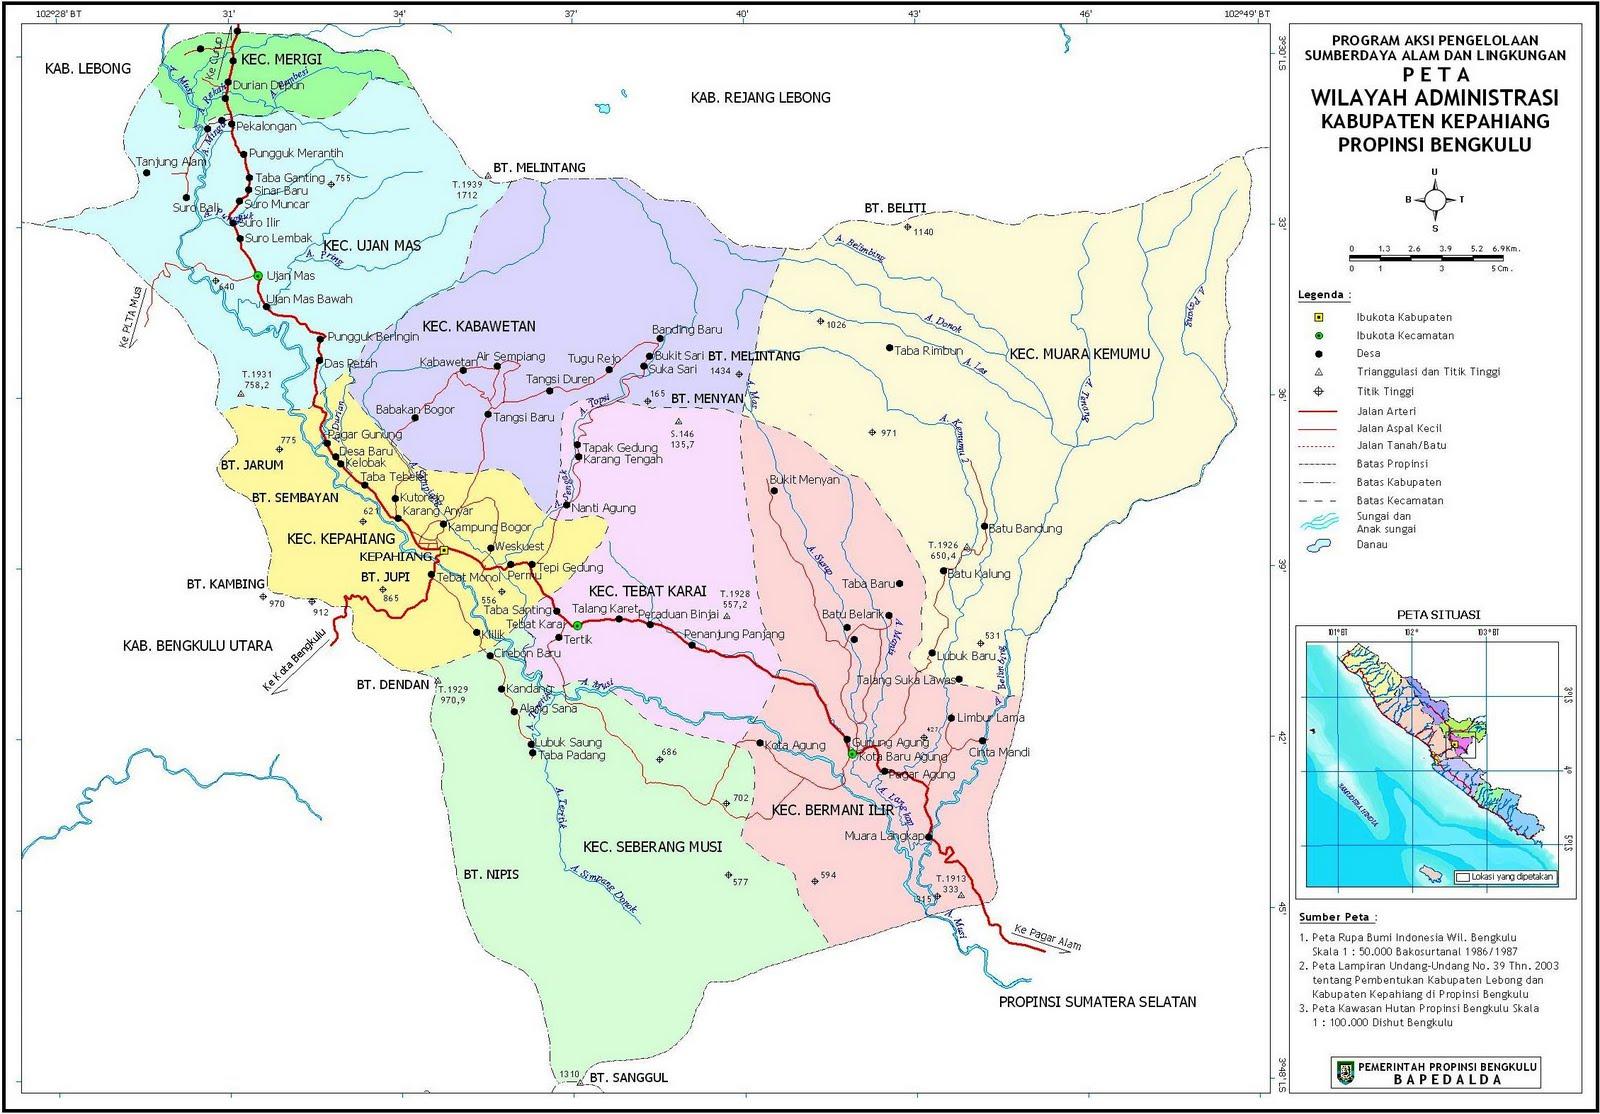 Peta Kota: Peta Kabupaten Kepahiang